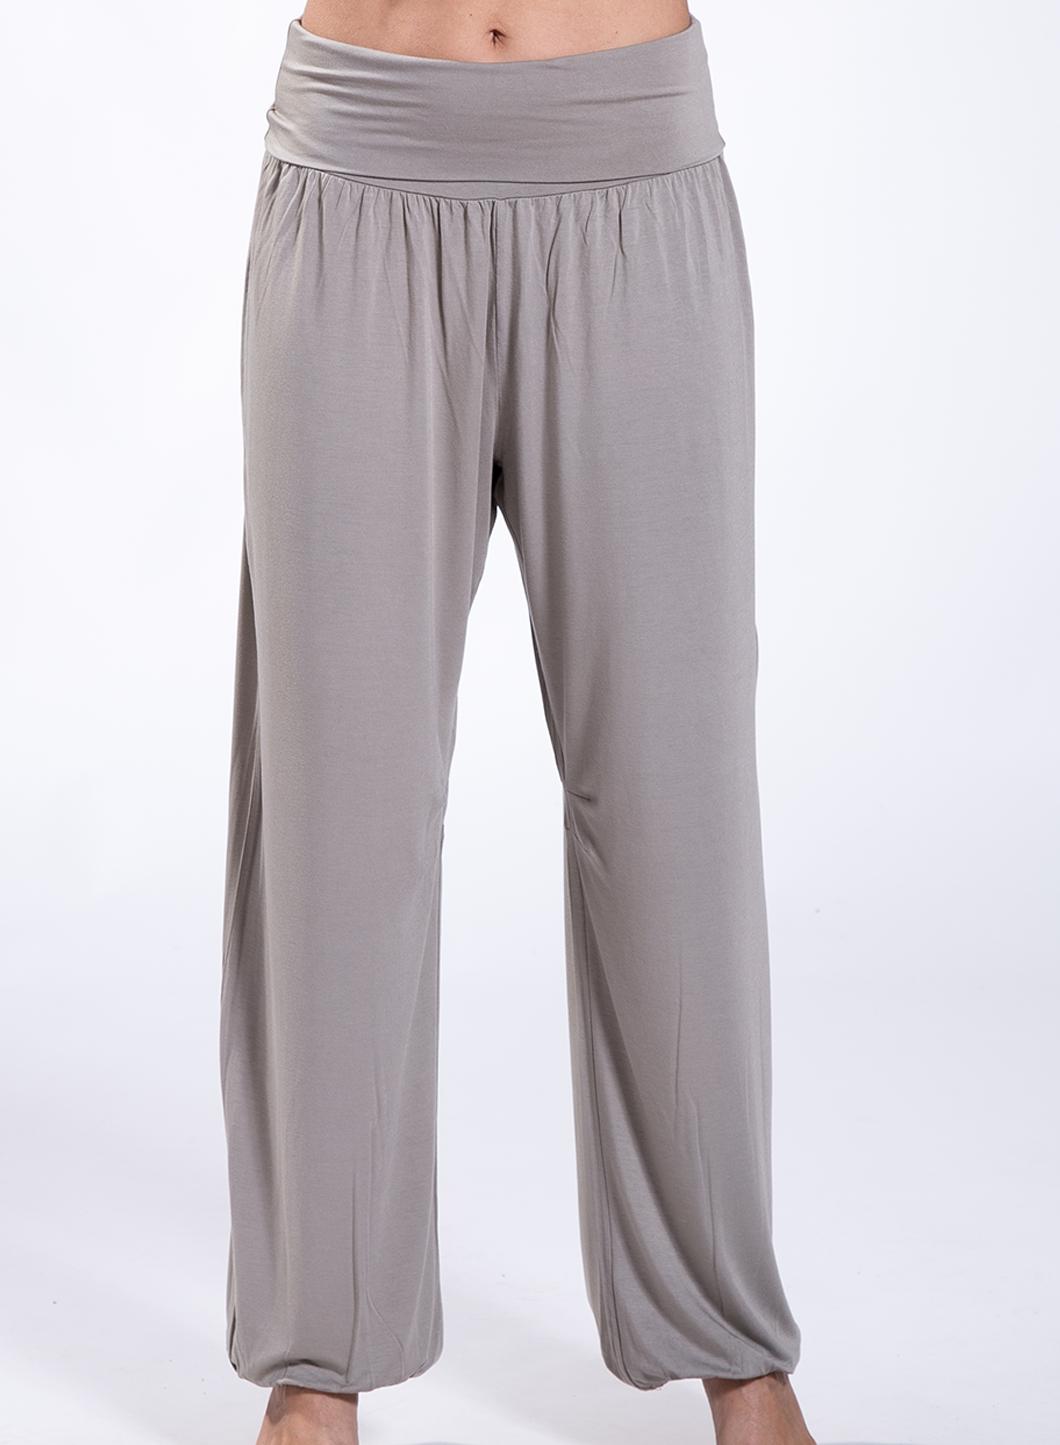 Unique Women39s Big Baggy Fashion Harem Pants Casual Trousers Cross Pants